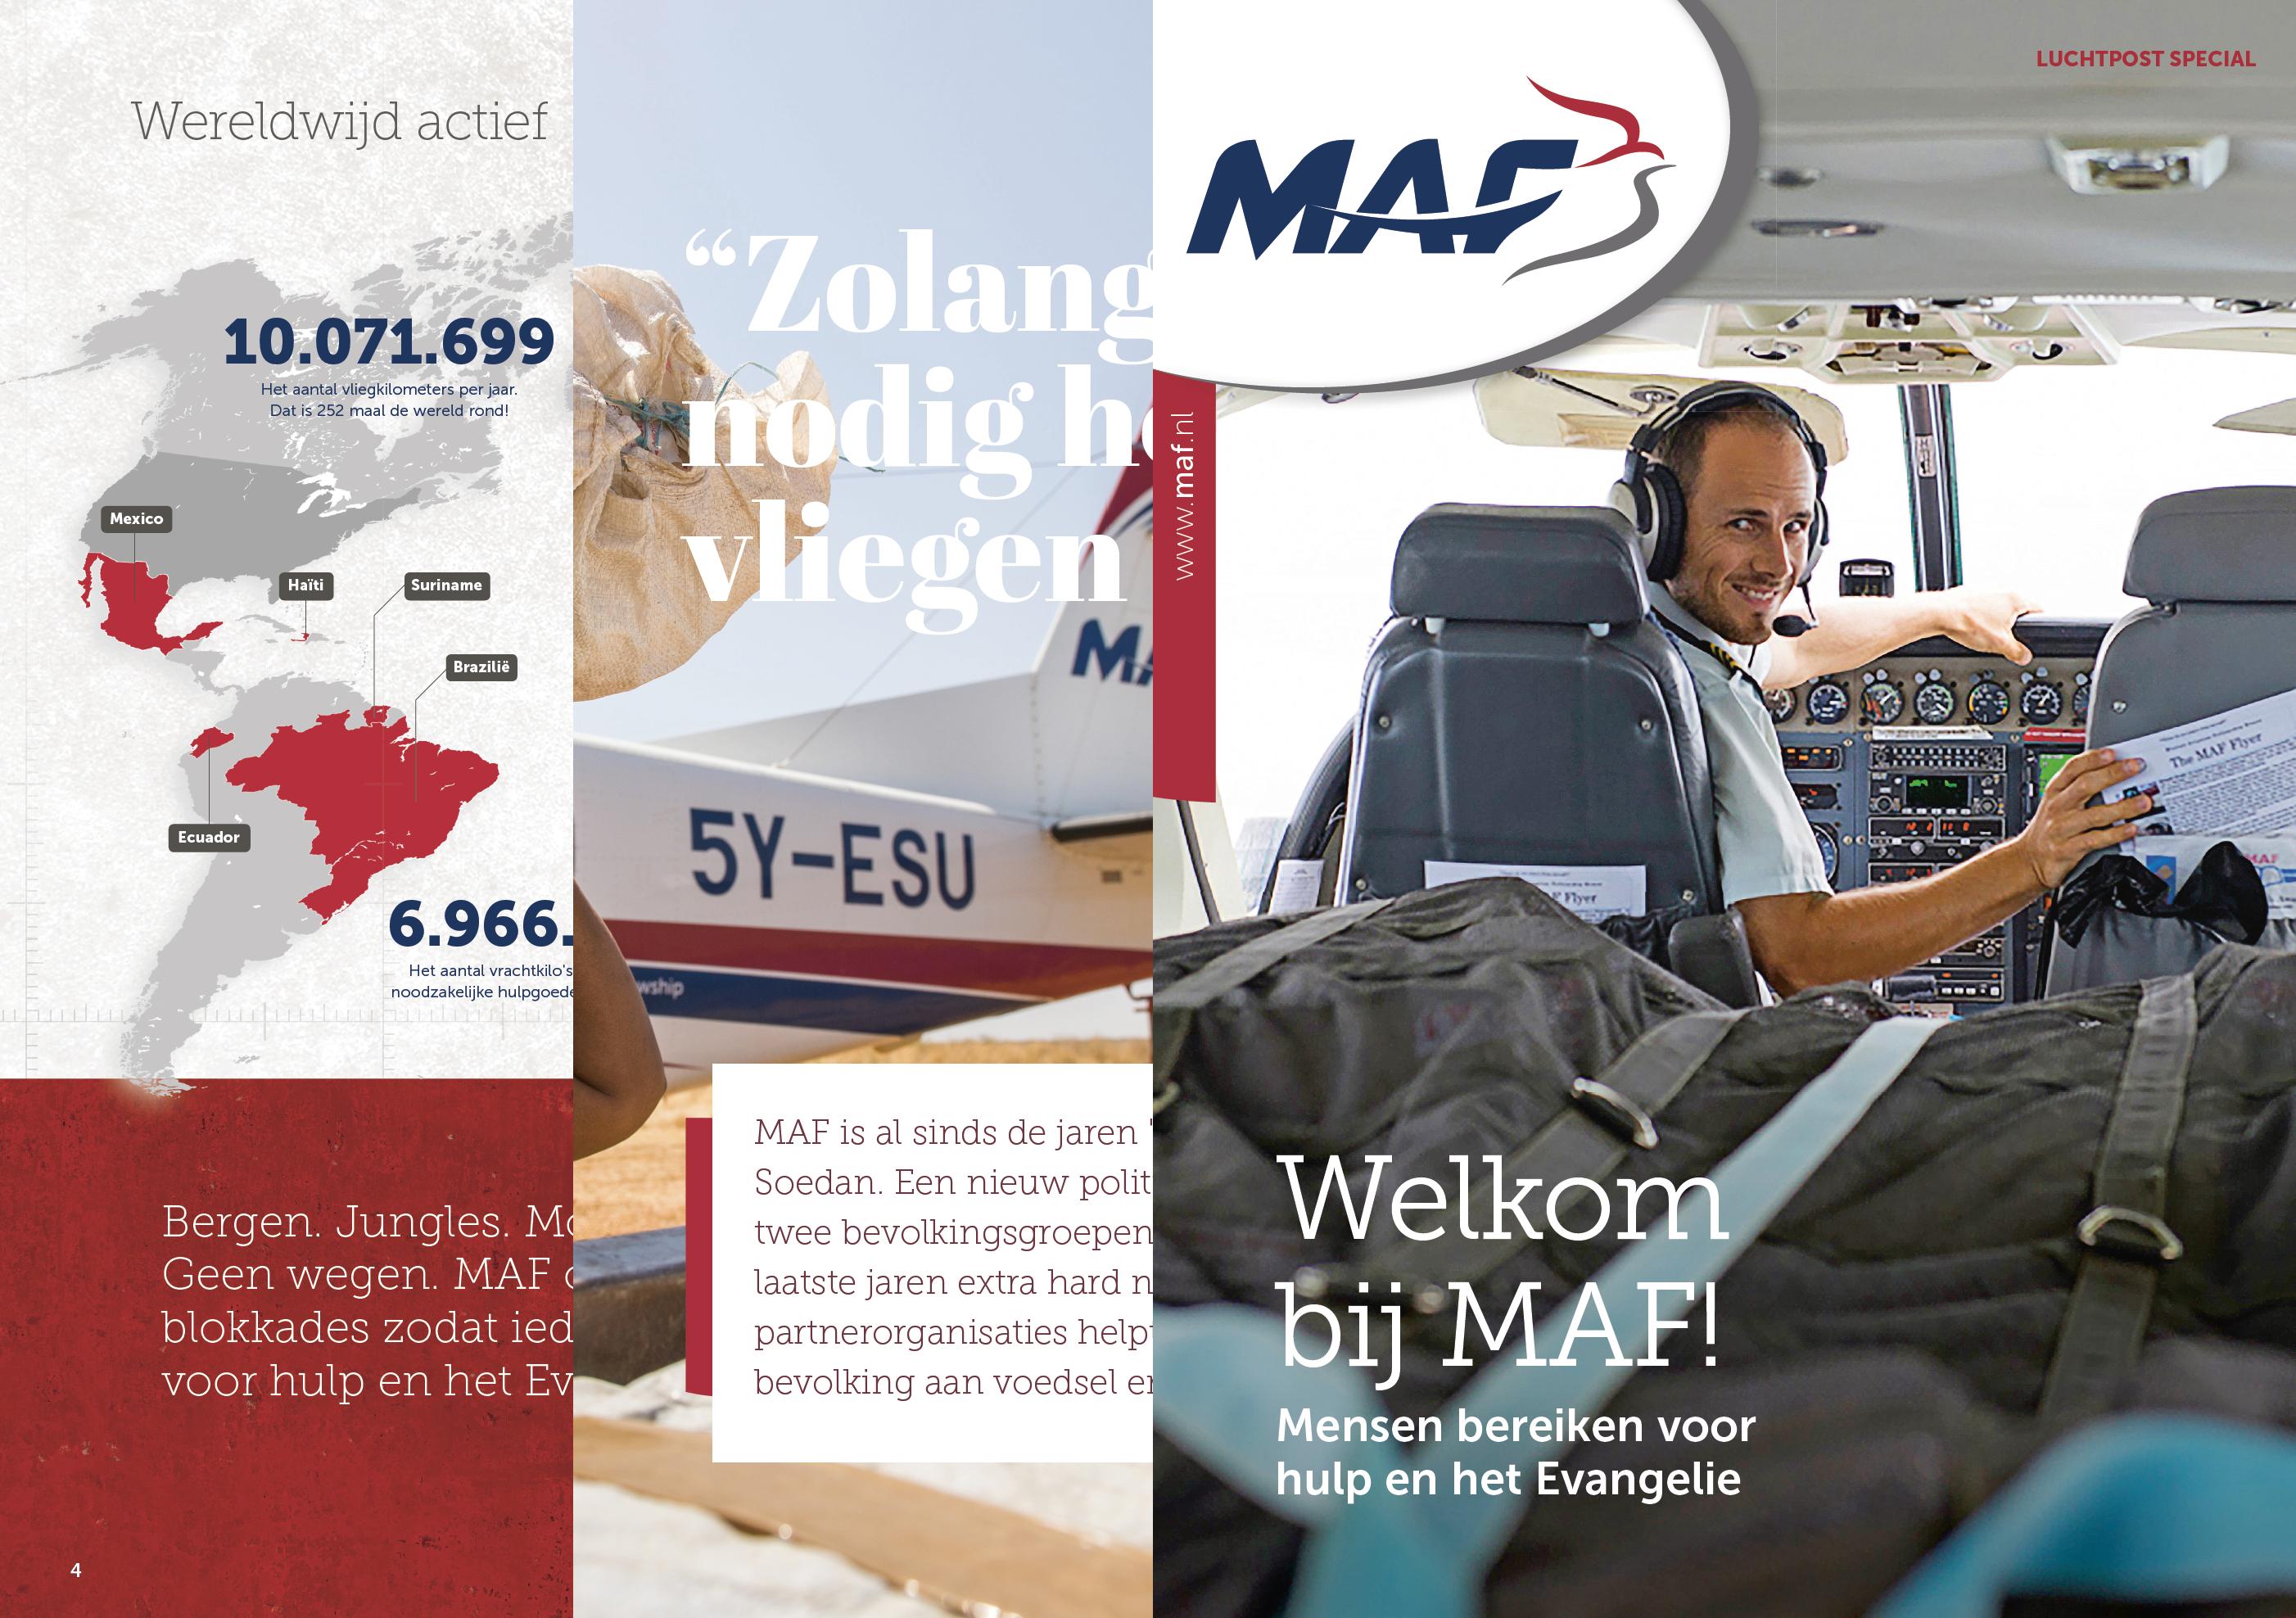 MAF Nederland: Luchtpost Special